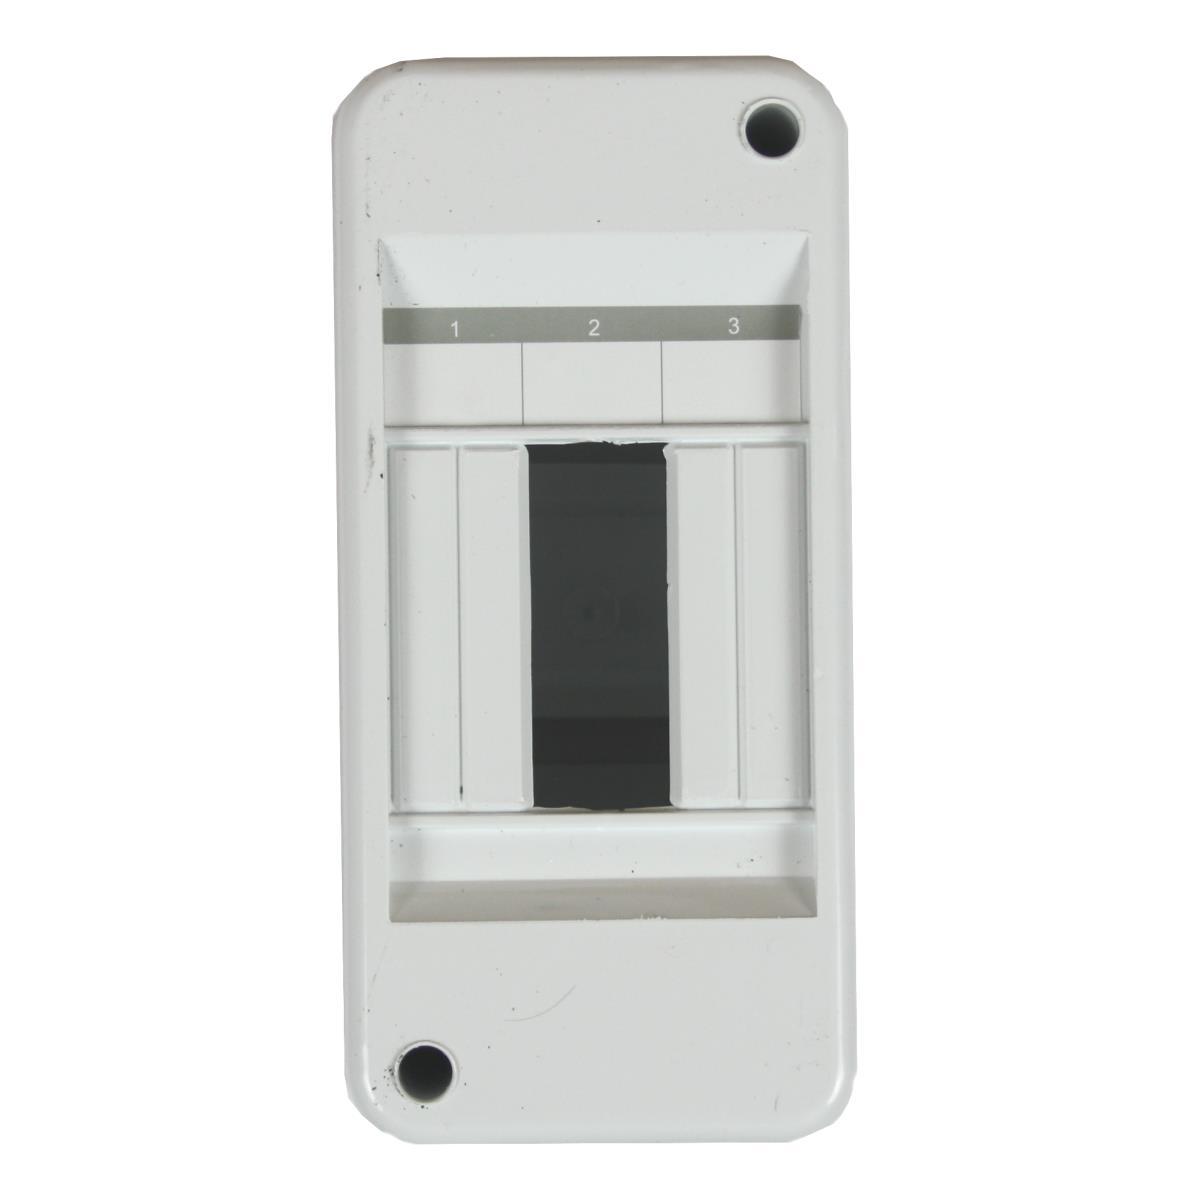 Sicherungskasten Verteilerkasten Aufputzverteiler 3 Module 1-reihig IP30,Elektro-Plast,RNO-3s, 5903978376076